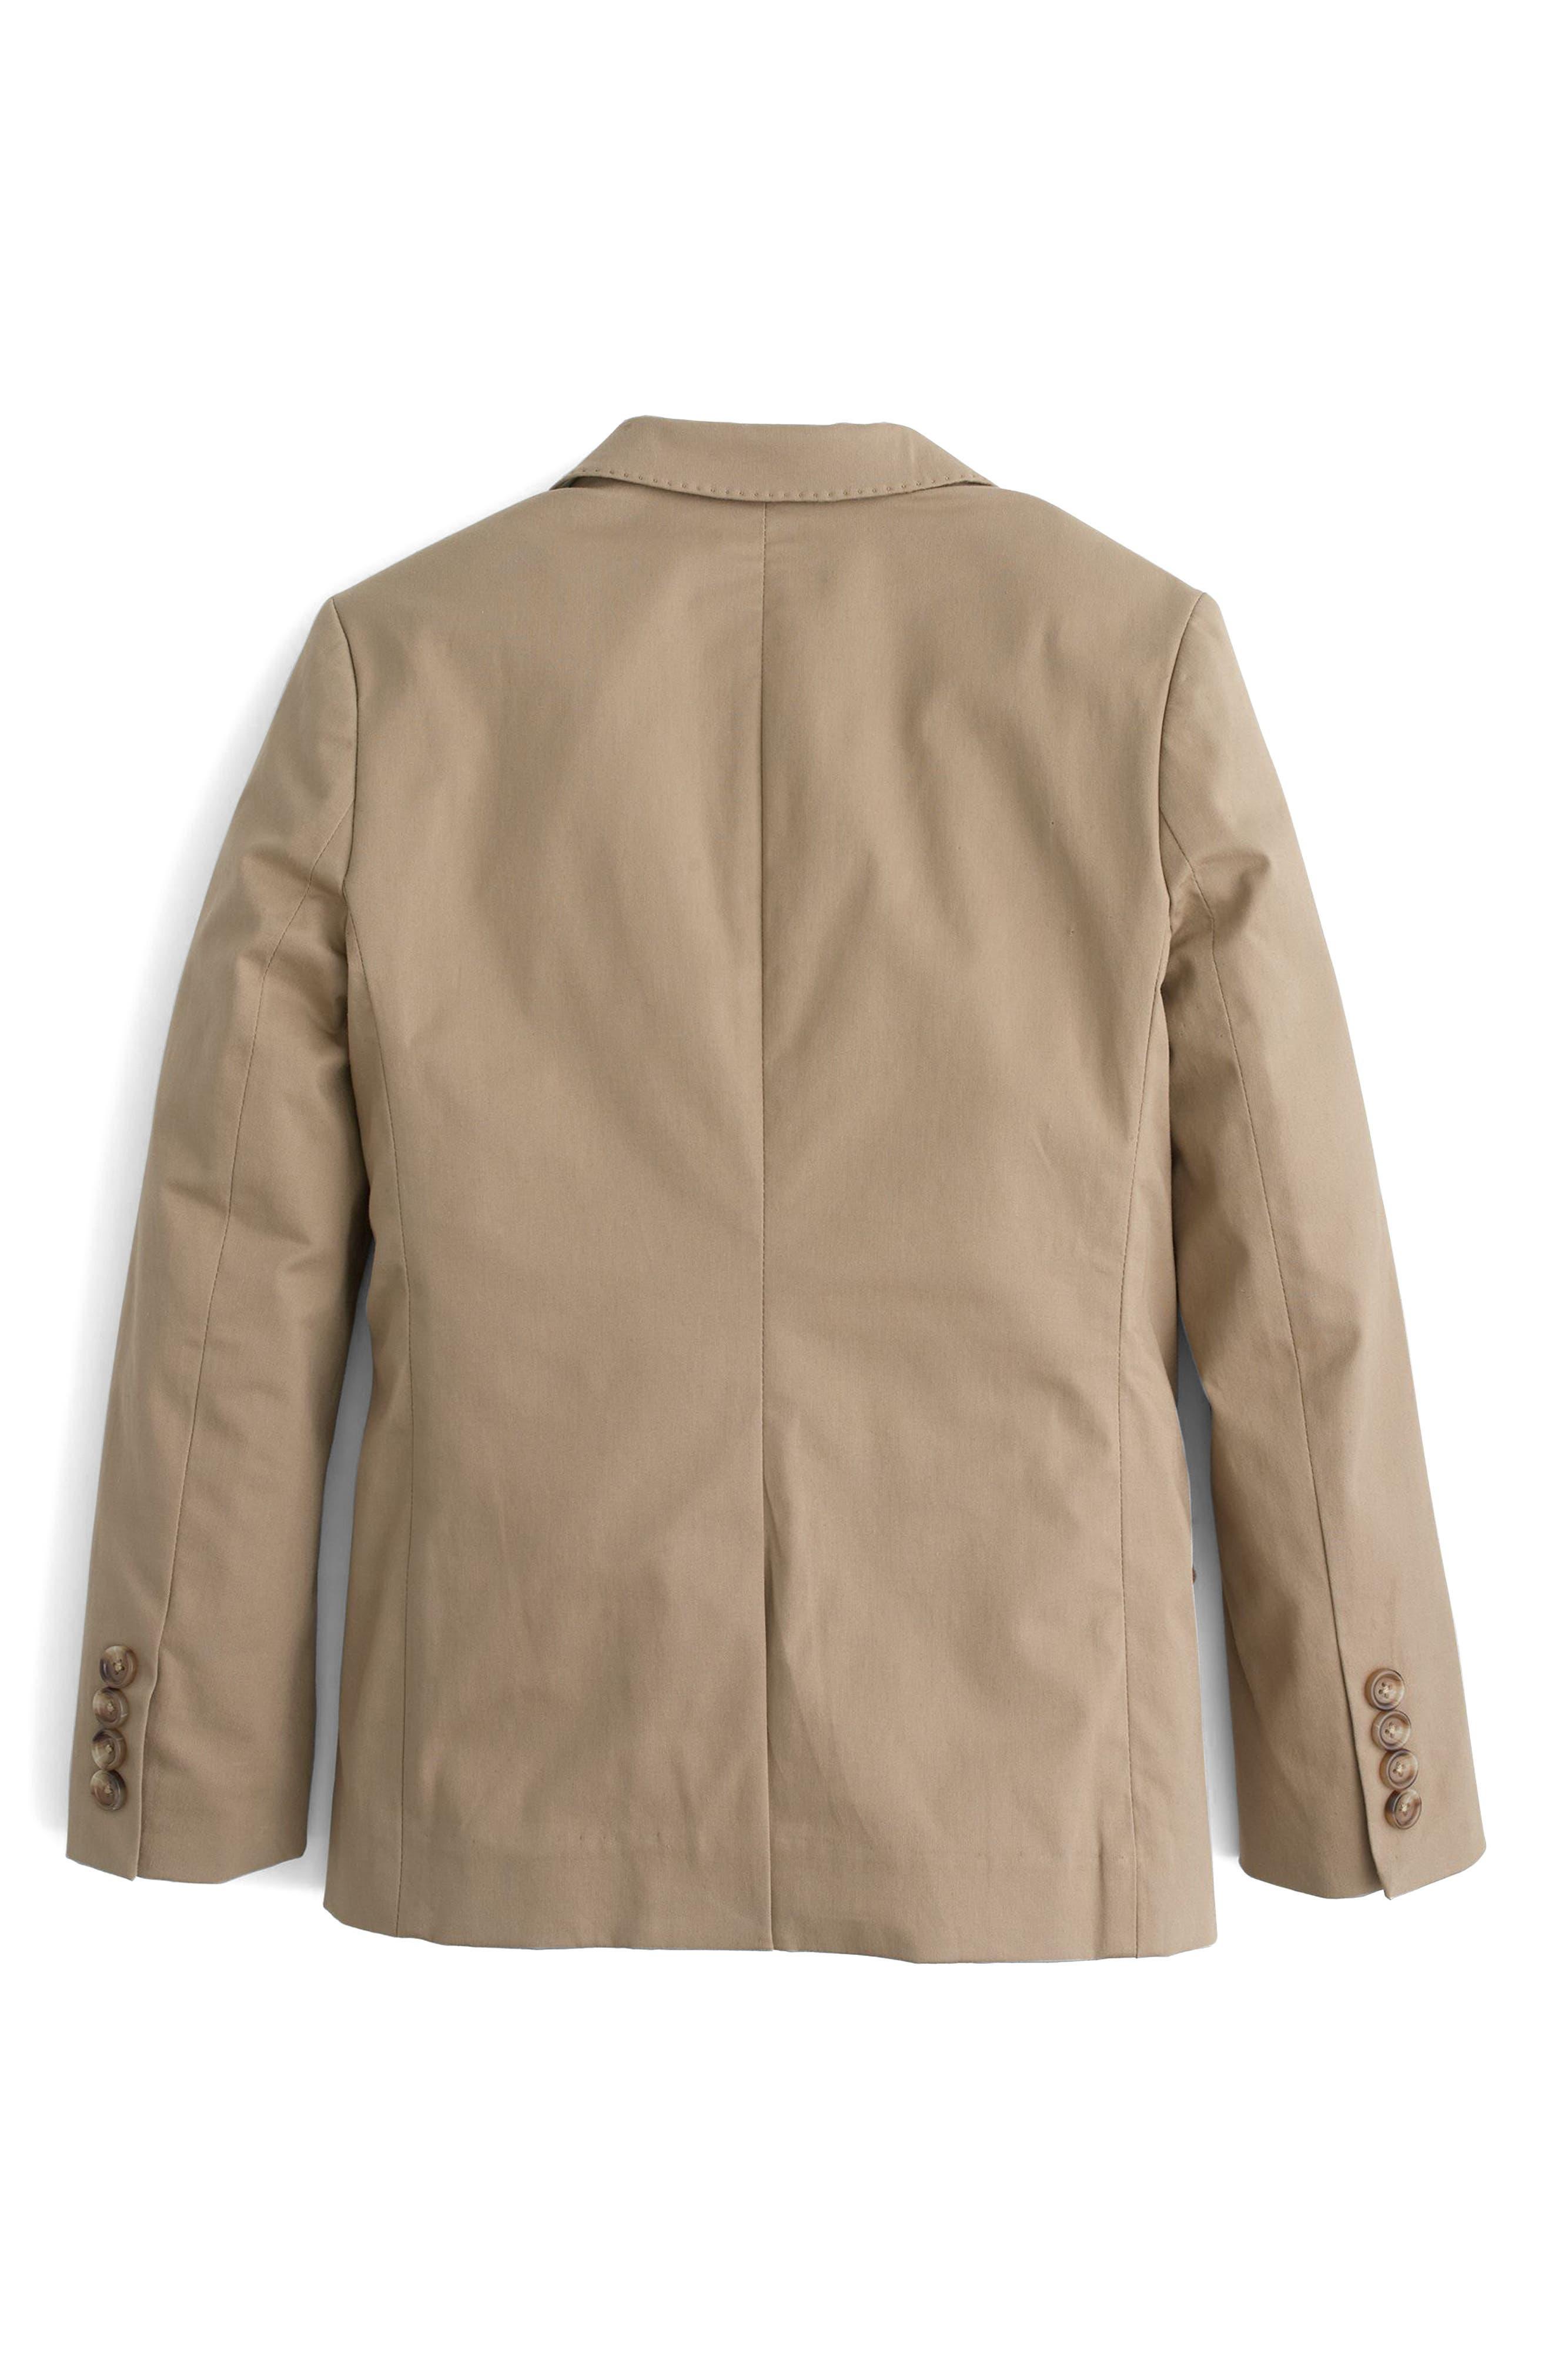 Ludlow Suit Jacket,                             Alternate thumbnail 2, color,                             Khaki Wx0166